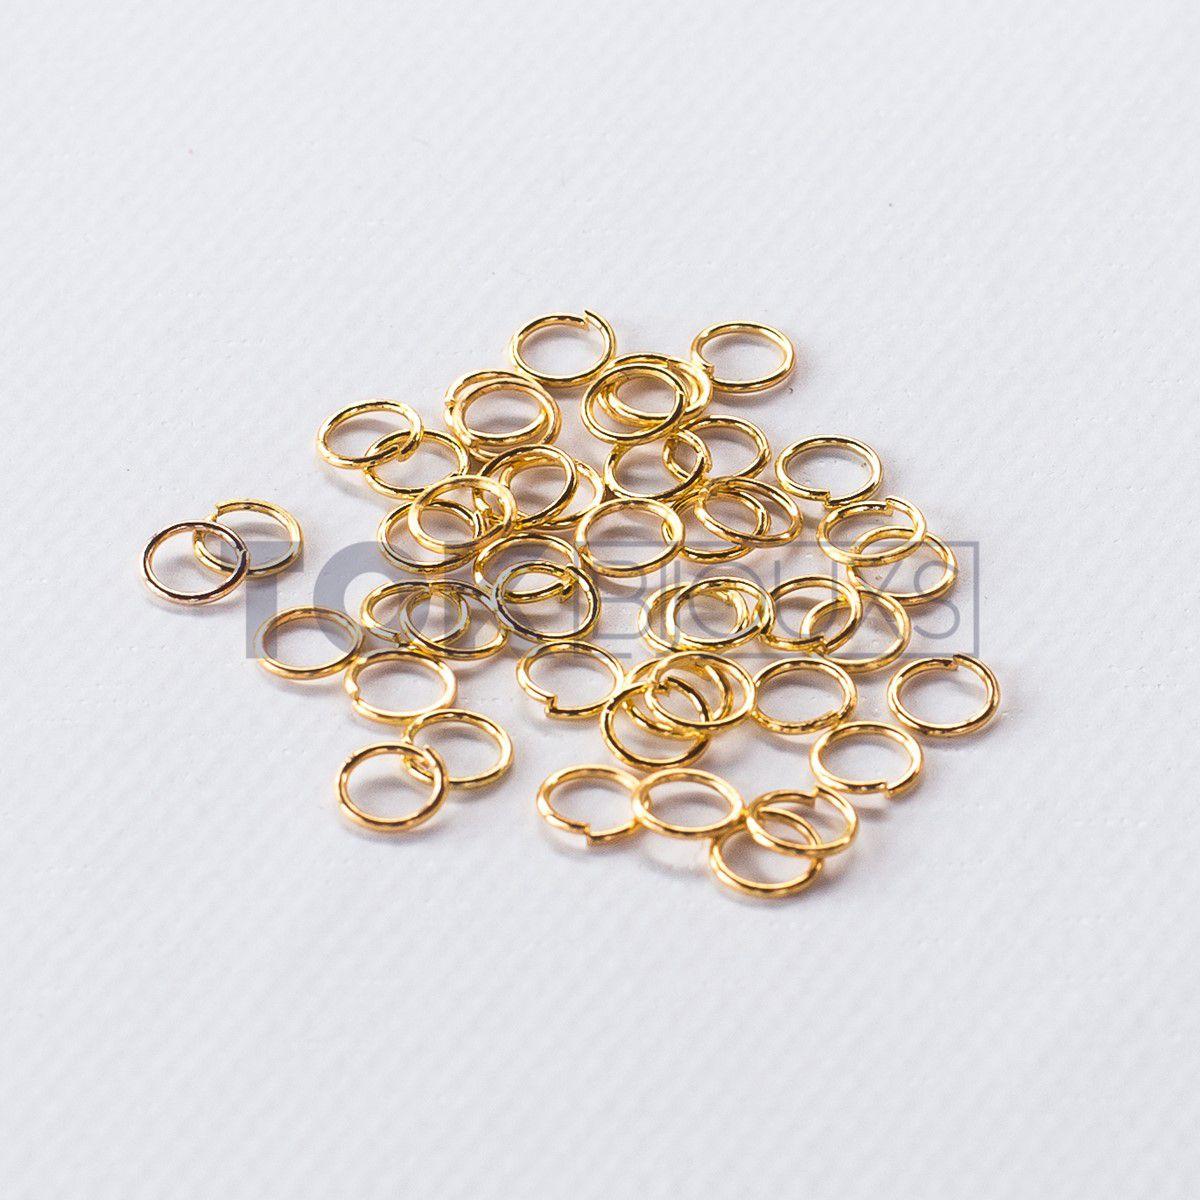 Argola De Ferro 4mm - Dourada - 25g